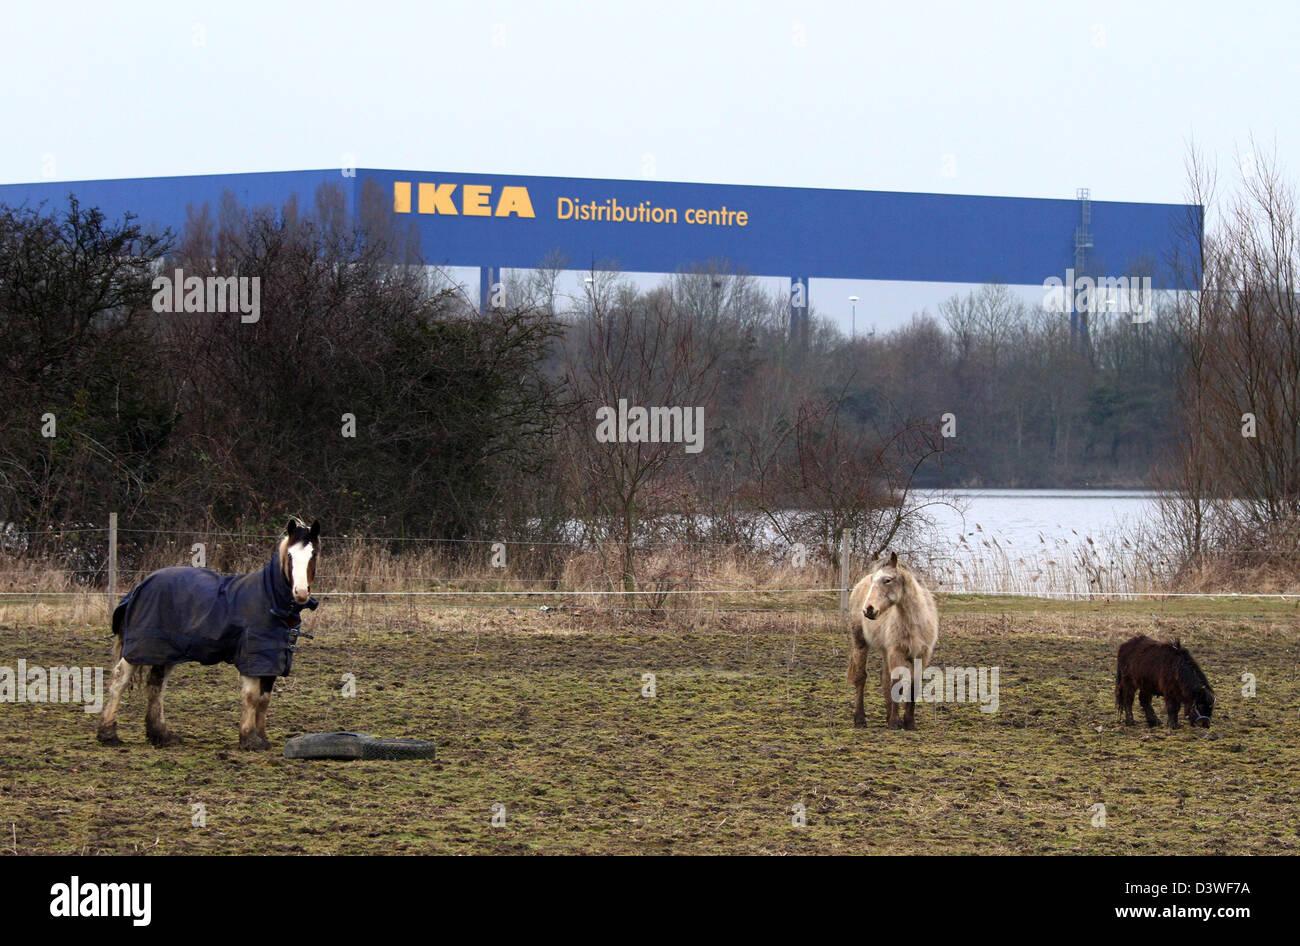 pferde in einem feld mit einem ikea-distributionszentrum hinter